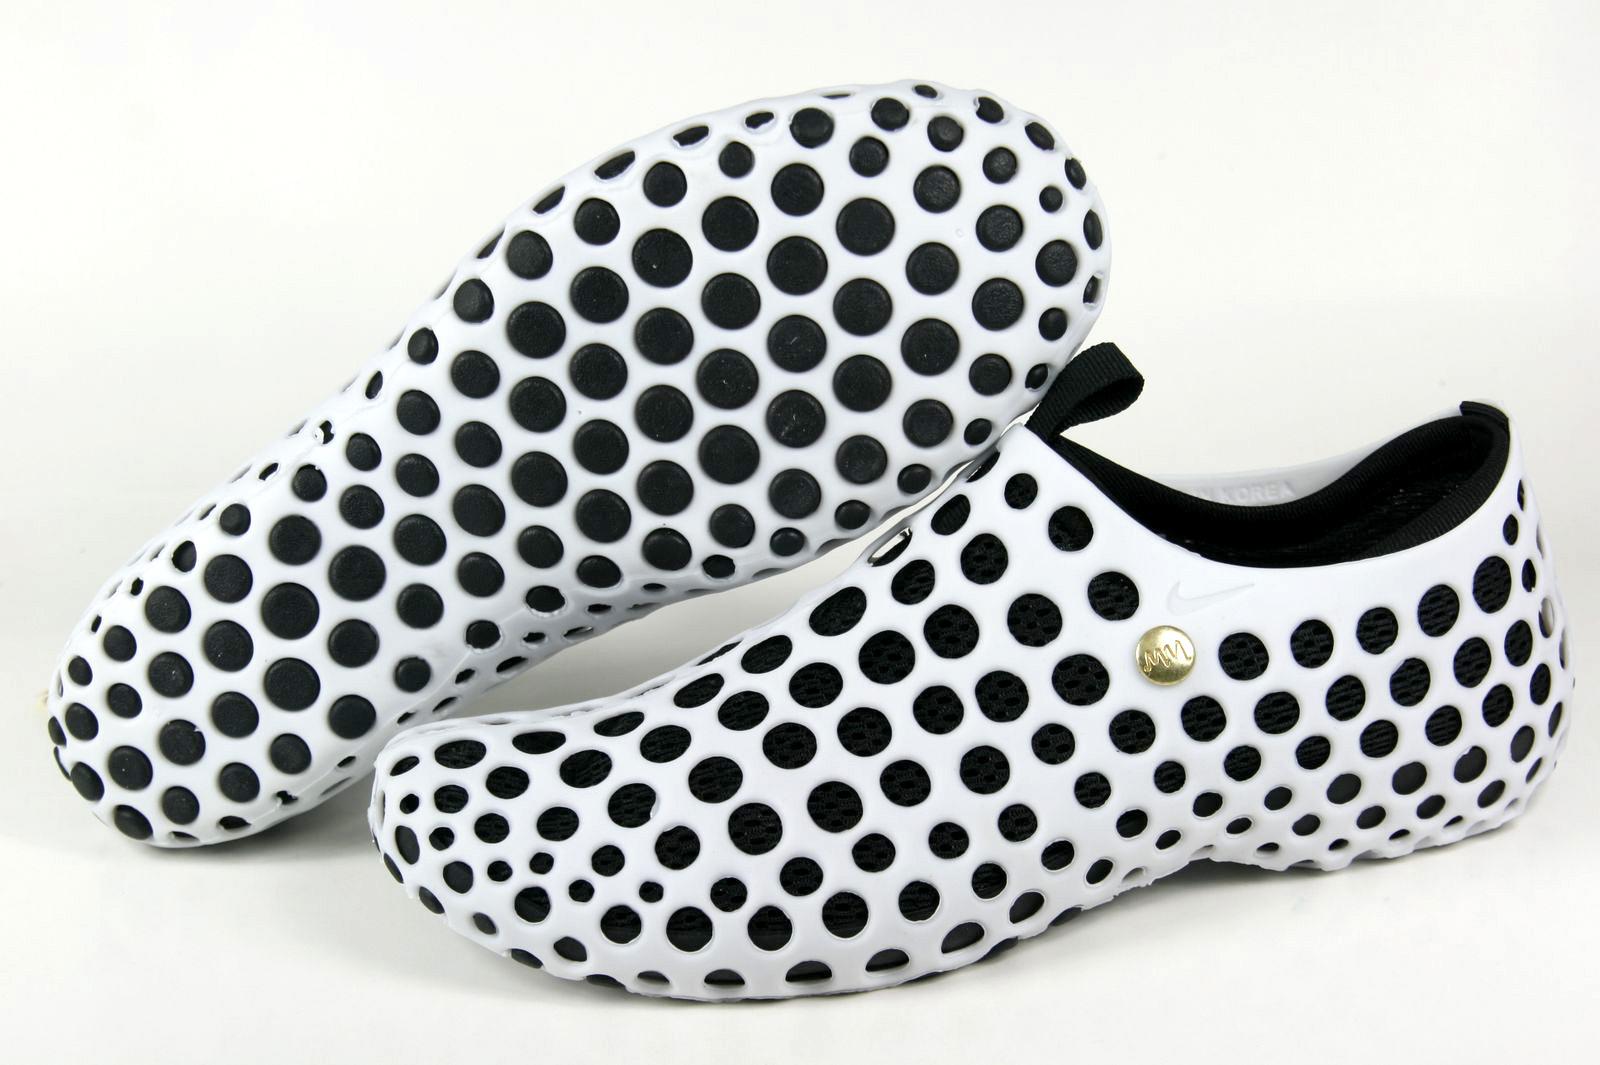 Zvezdochka-Nike X Marc Newson(White-Black).JPG